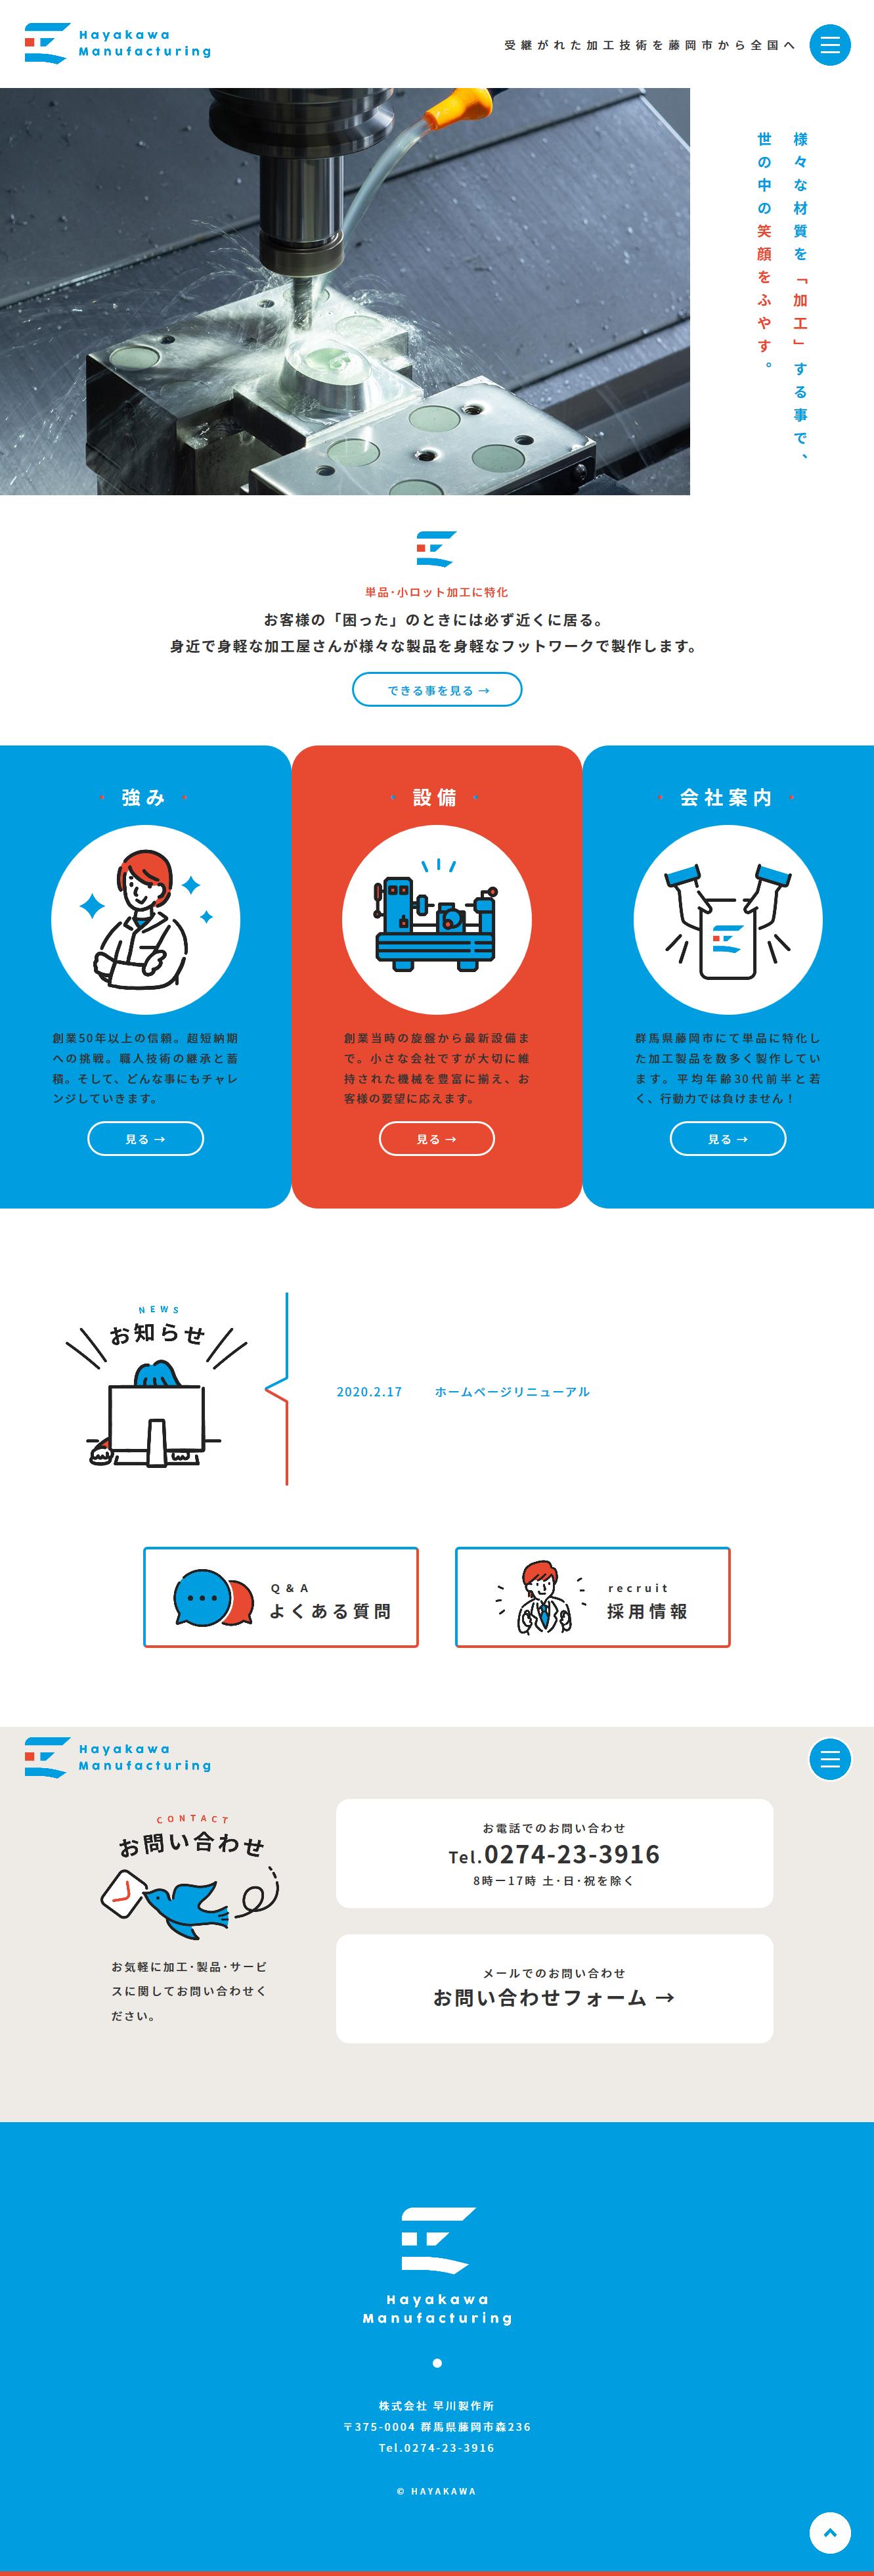 早川製作所-ホームページ(PC)